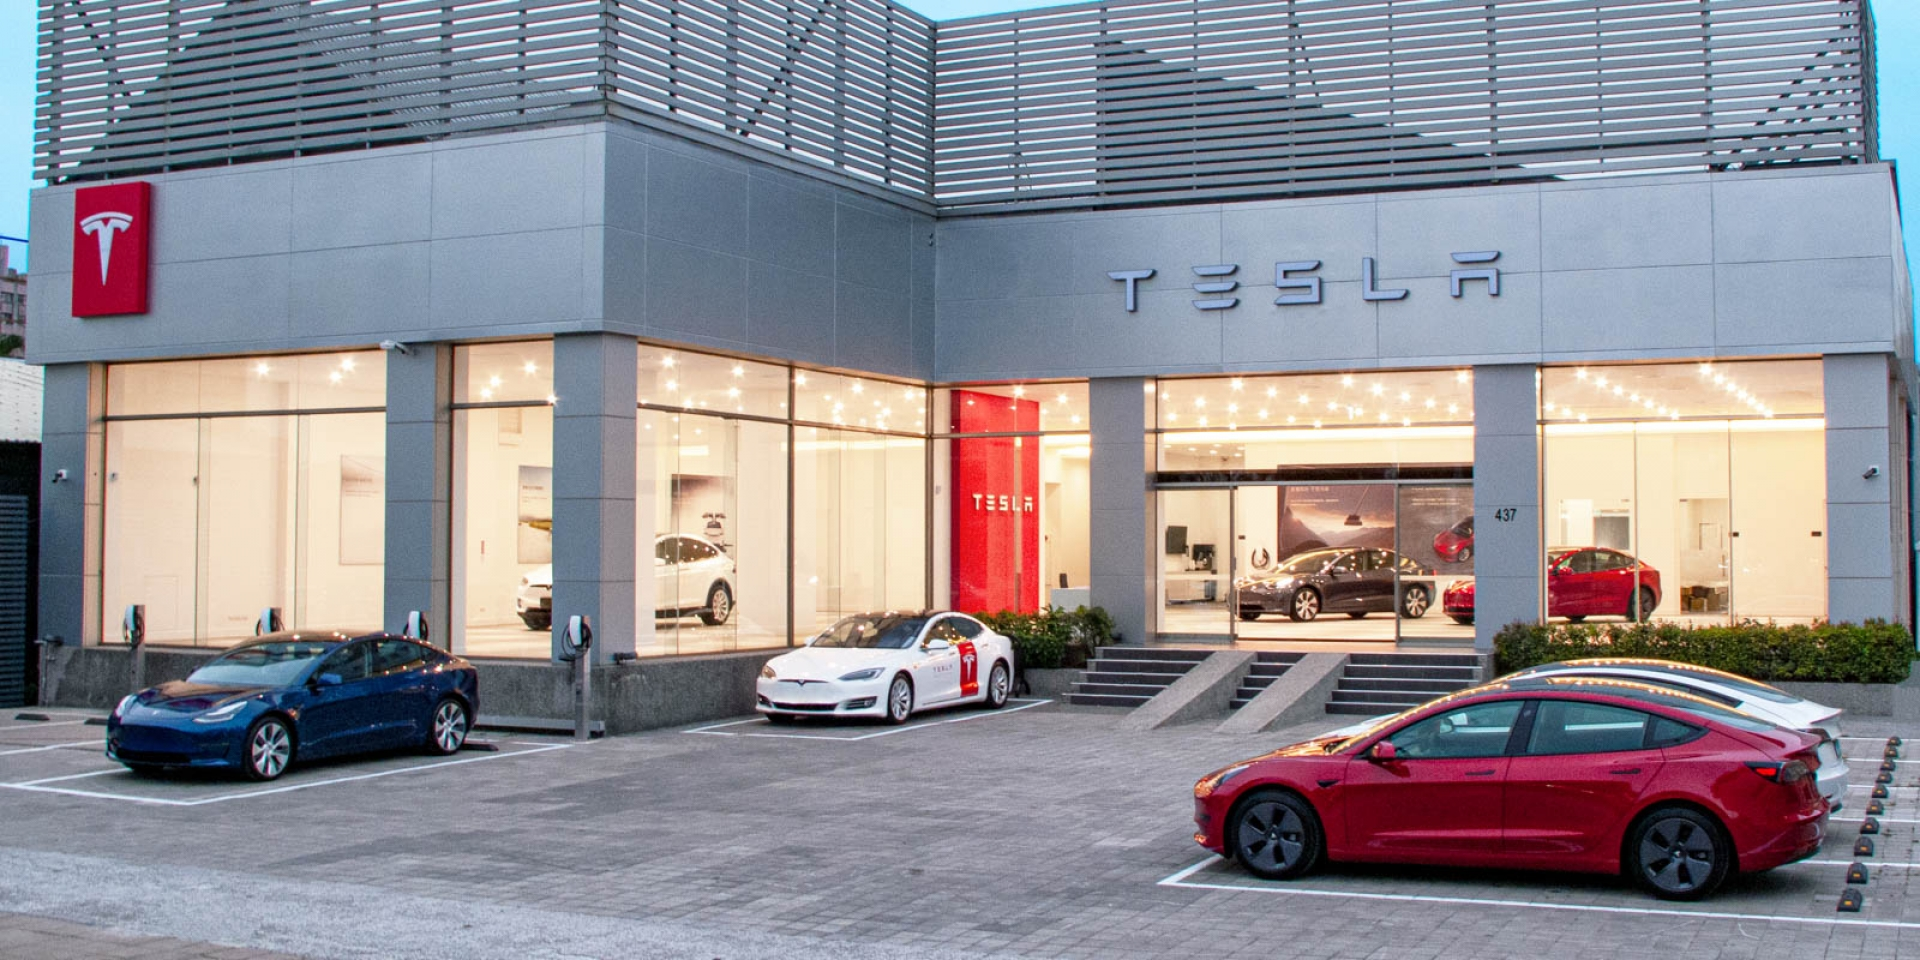 官方新聞稿。南臺灣首座 Tesla Center 高雄服務體驗中心開幕 台灣迎來第一萬名車主 Model 3 白色內裝現貨車首次限量開放